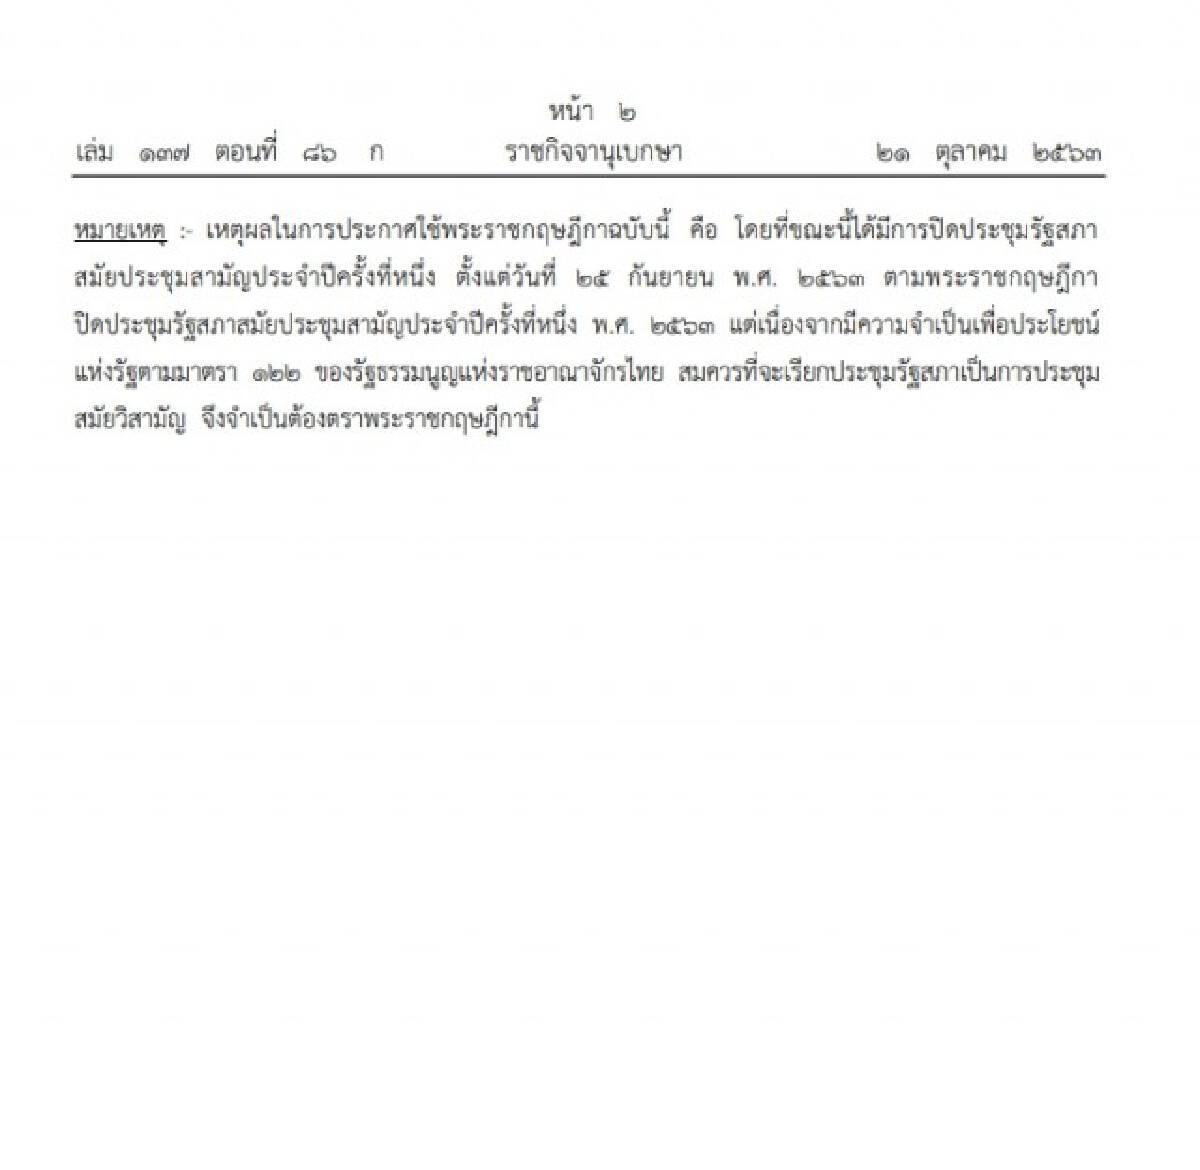 ราชกิจจา ประกาศ  พ.ร.ฎ. เรียกประชุมสมัยวิสามัญแห่งรัฐสภา พ.ศ. 2563